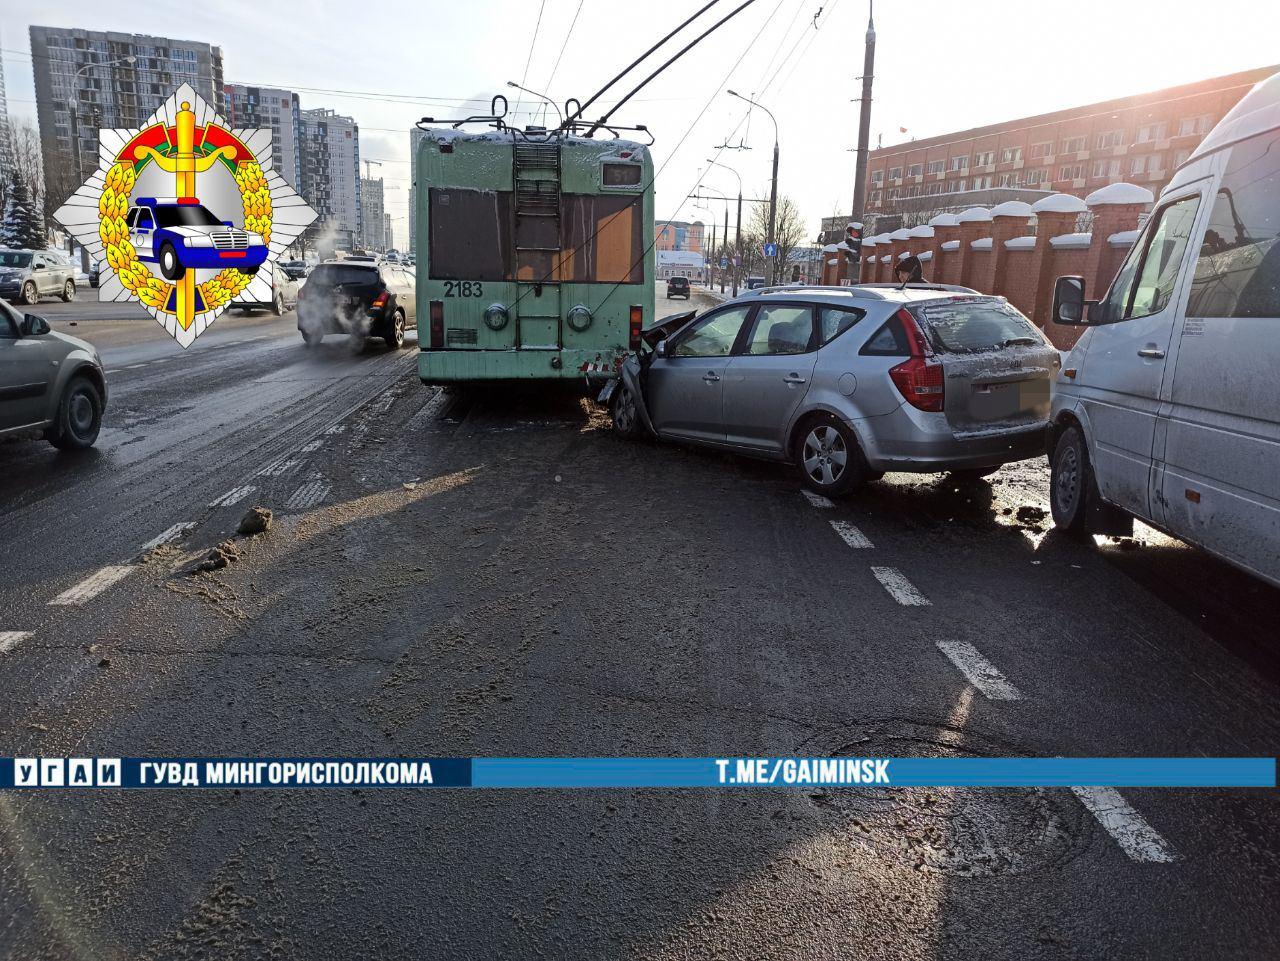 Легковушка врезалась в троллейбус и отлетела в маршрутку в Минске